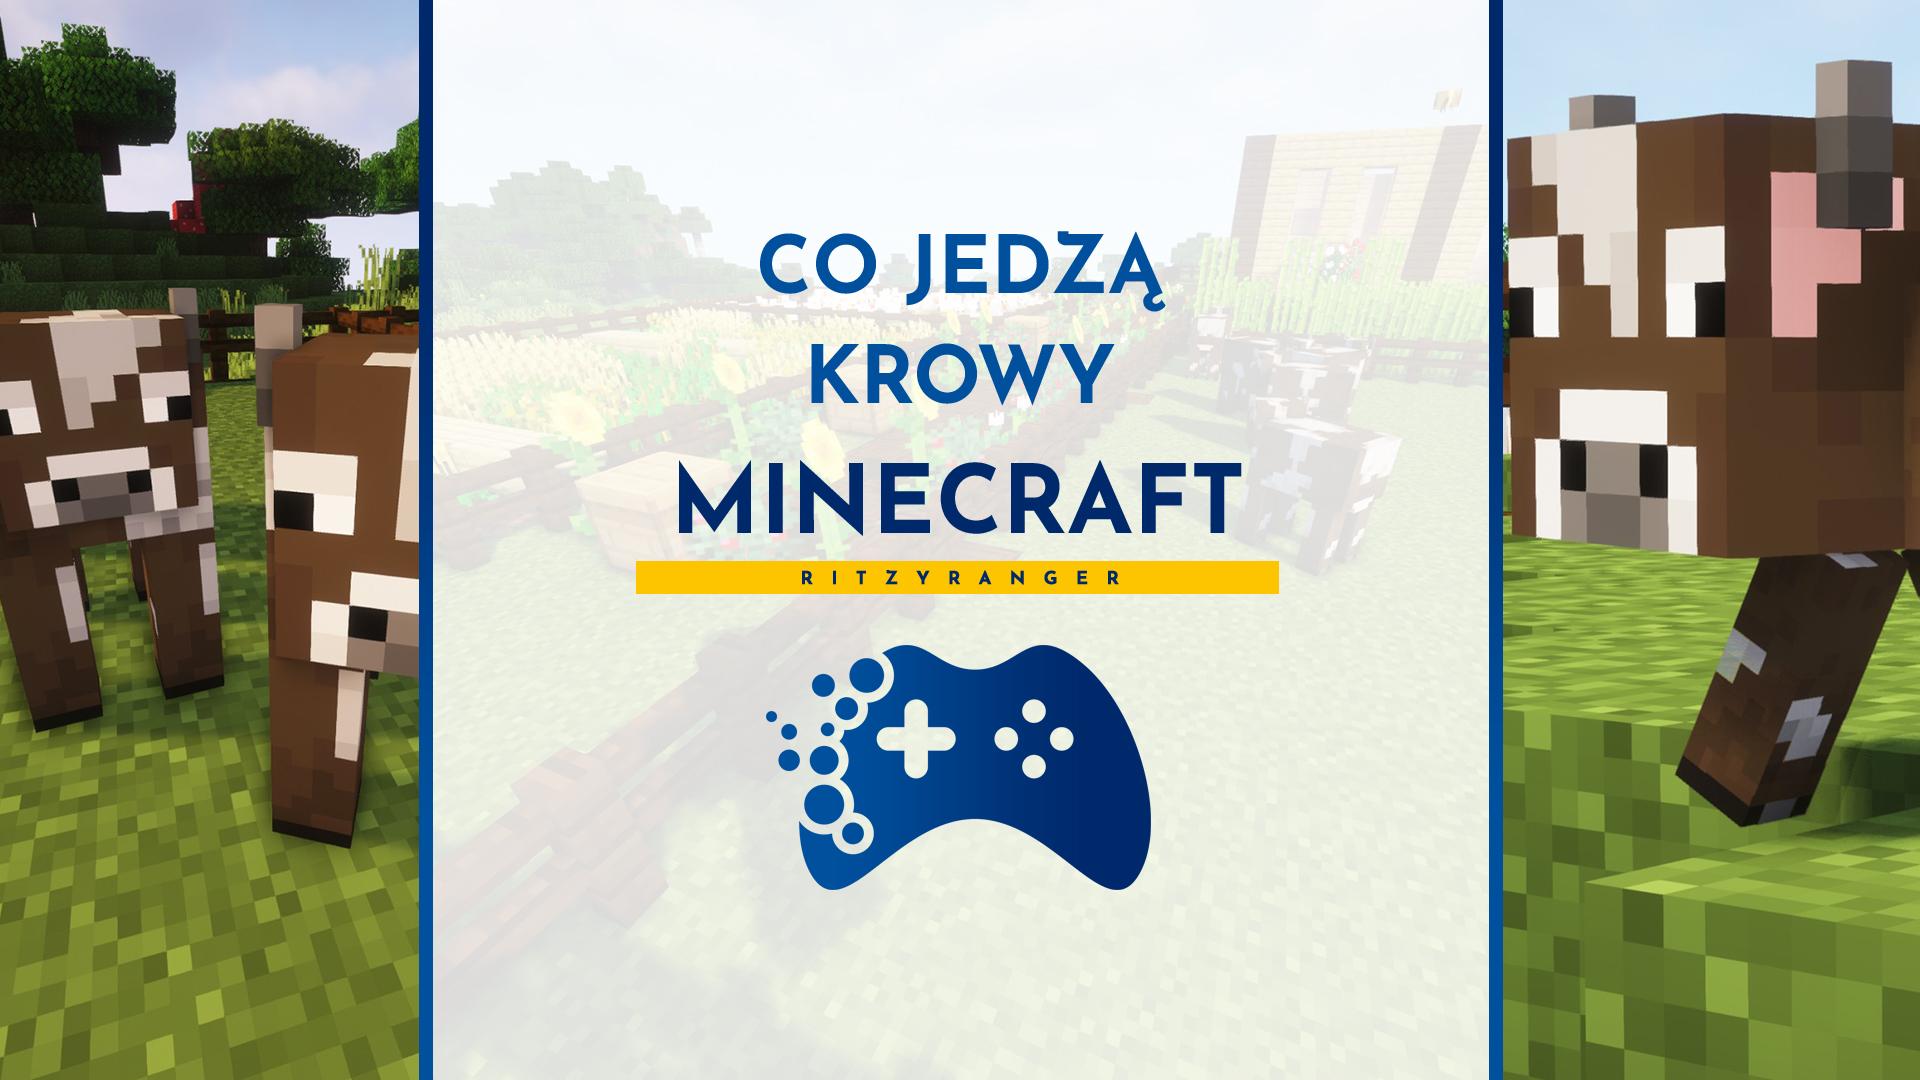 Co jedzą krowy w Minecraft